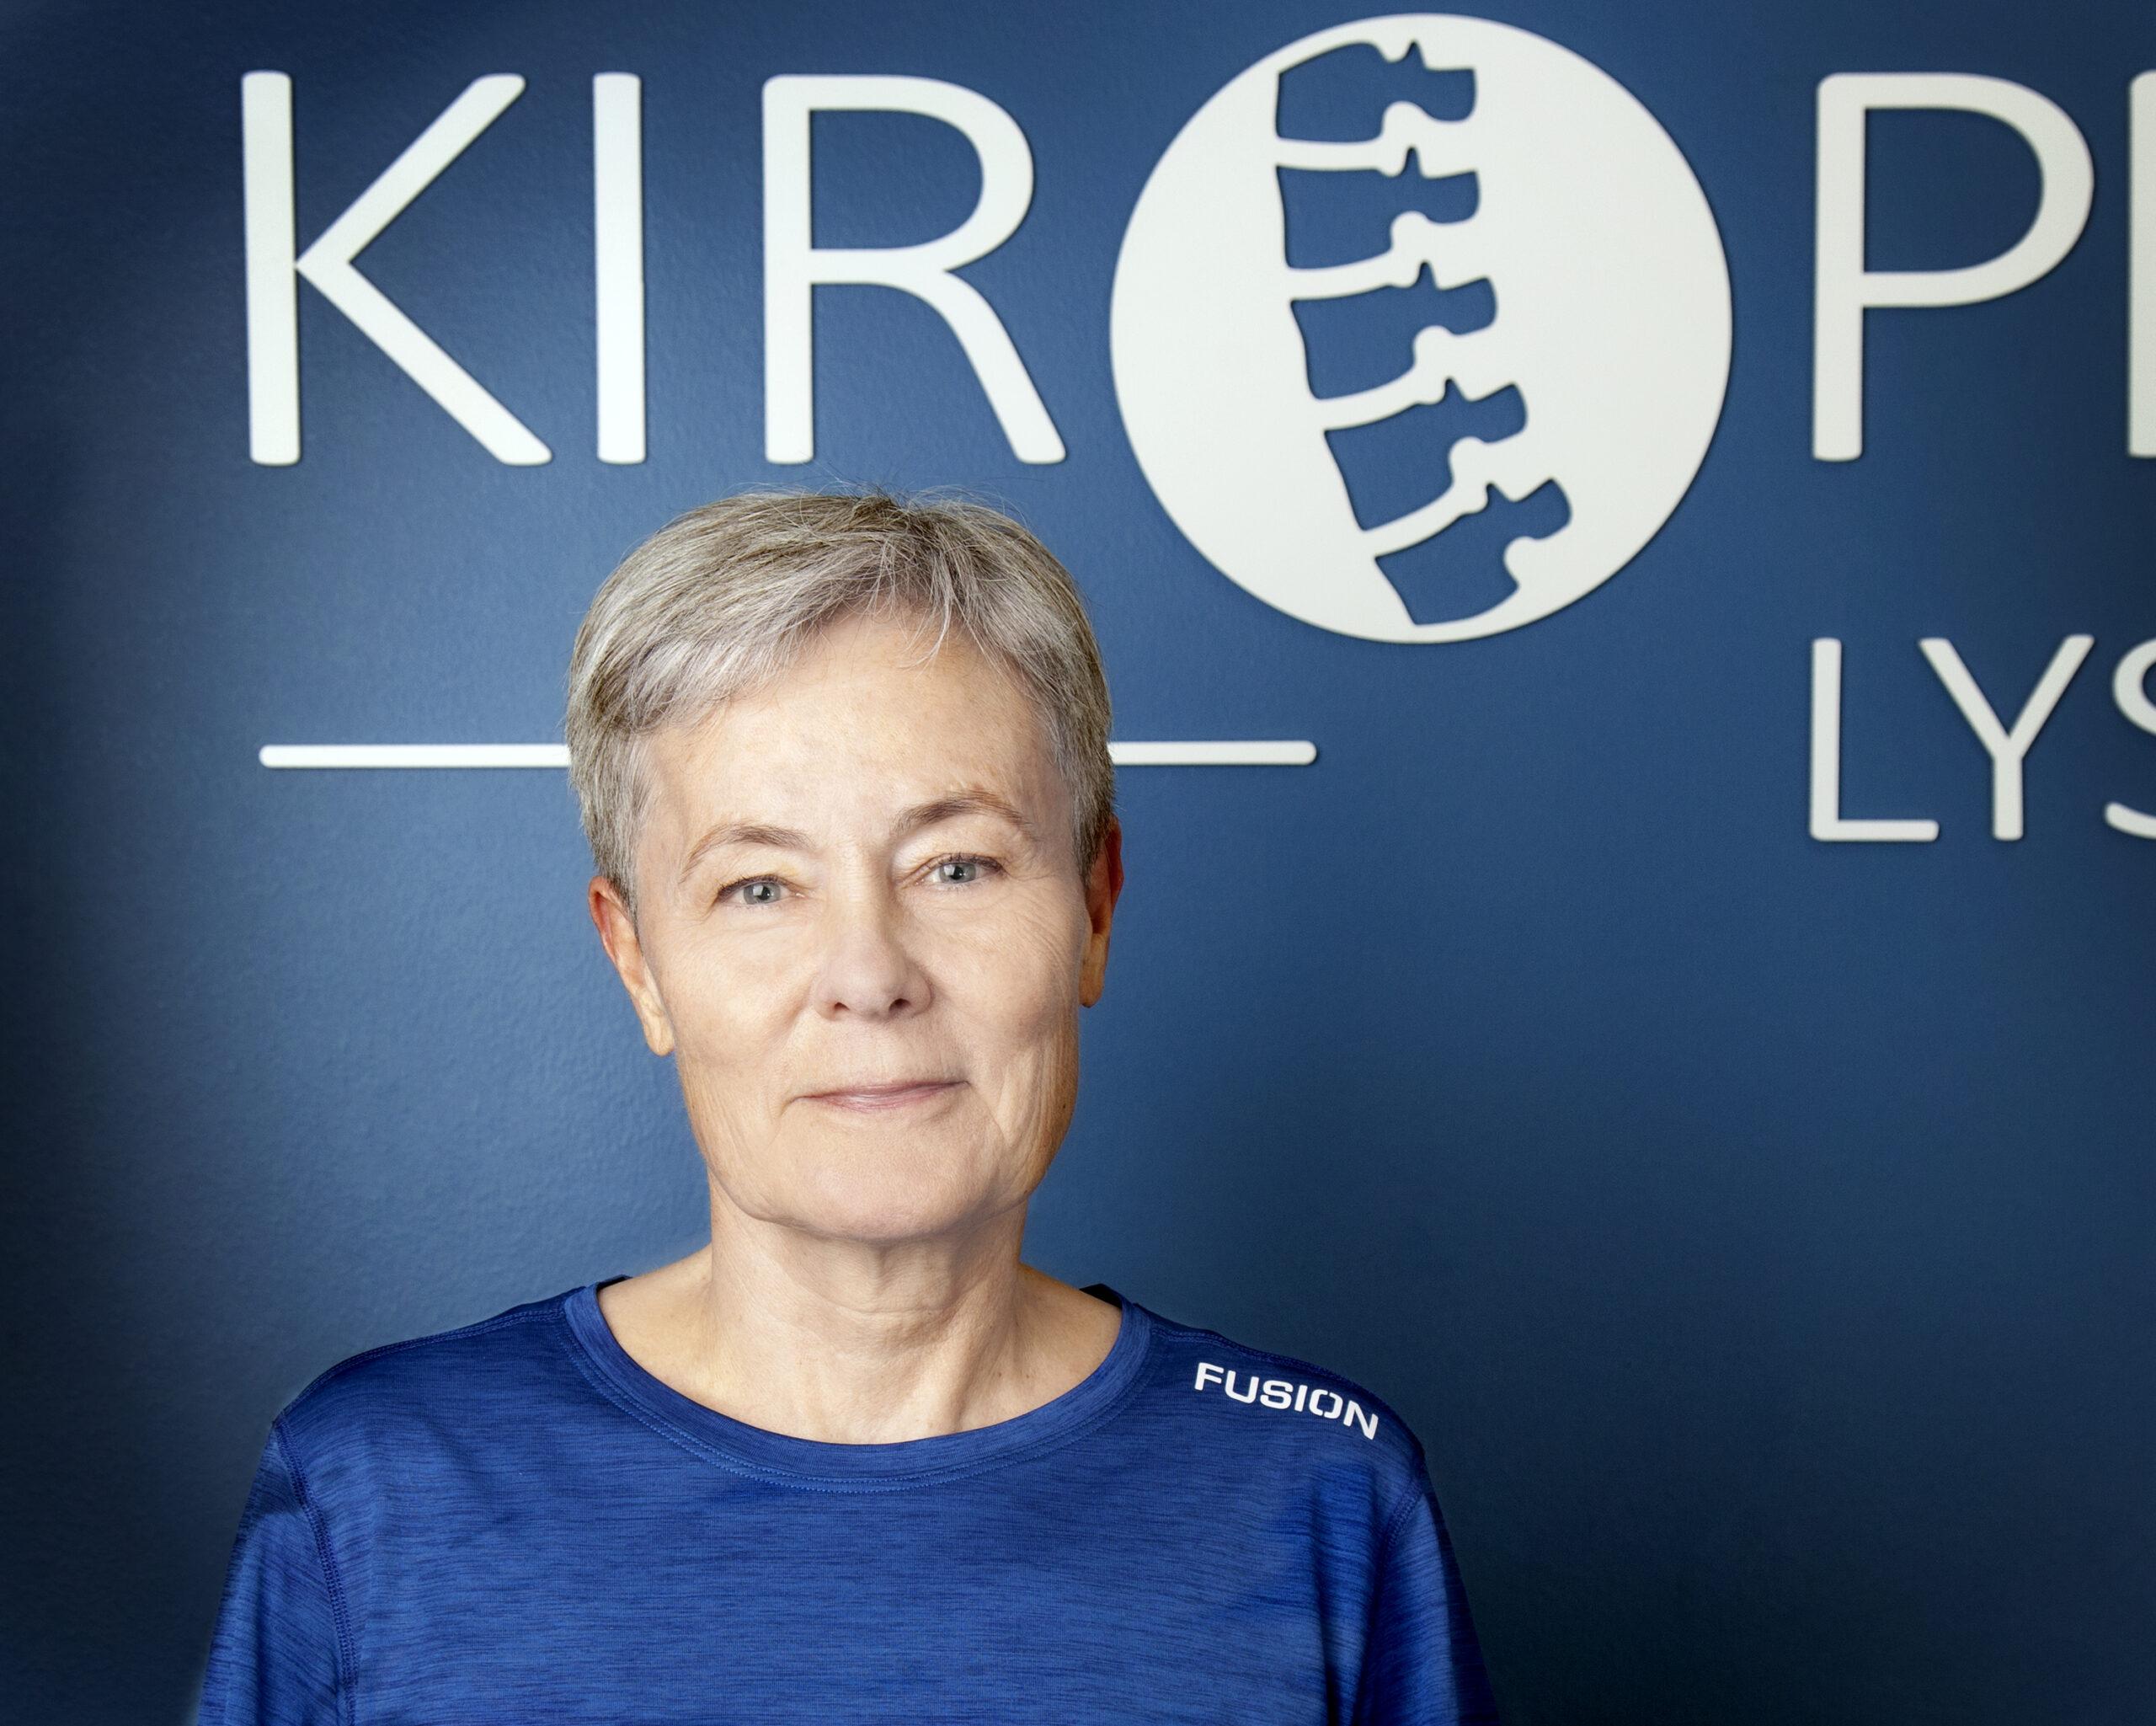 Joan Holm Kiropraktor